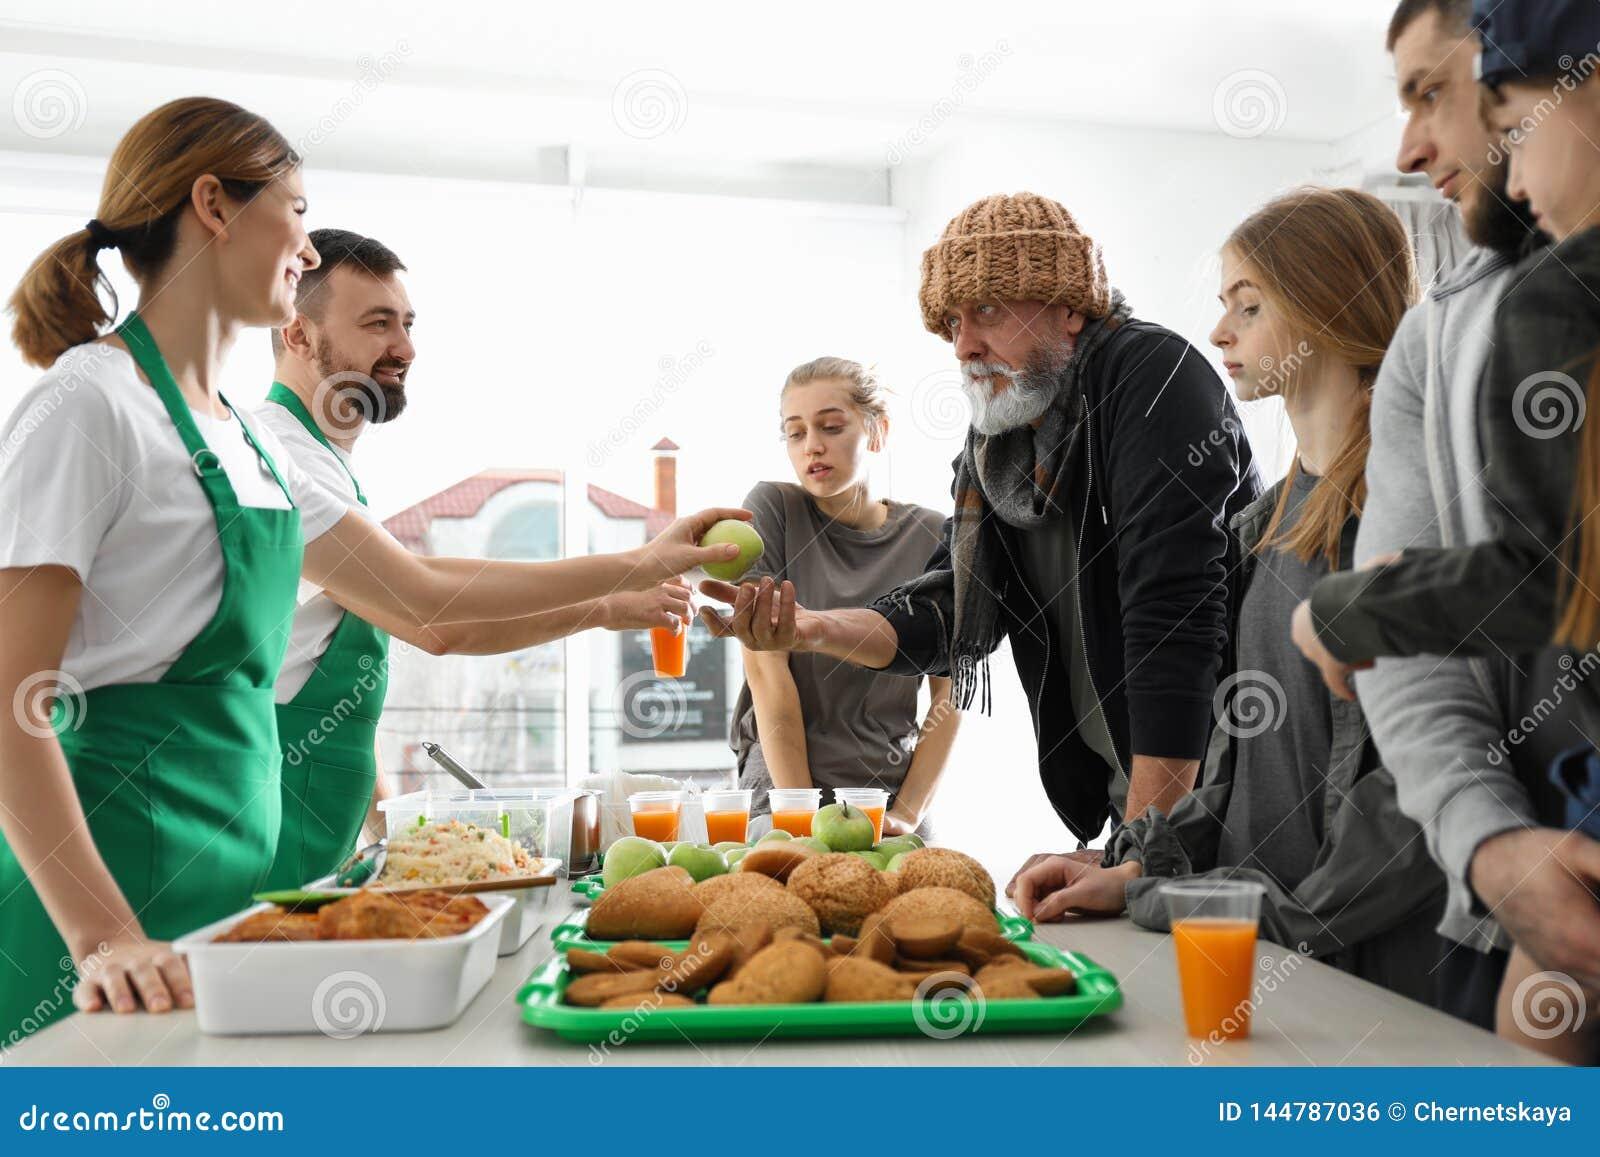 Poor people receiving food from volunteers